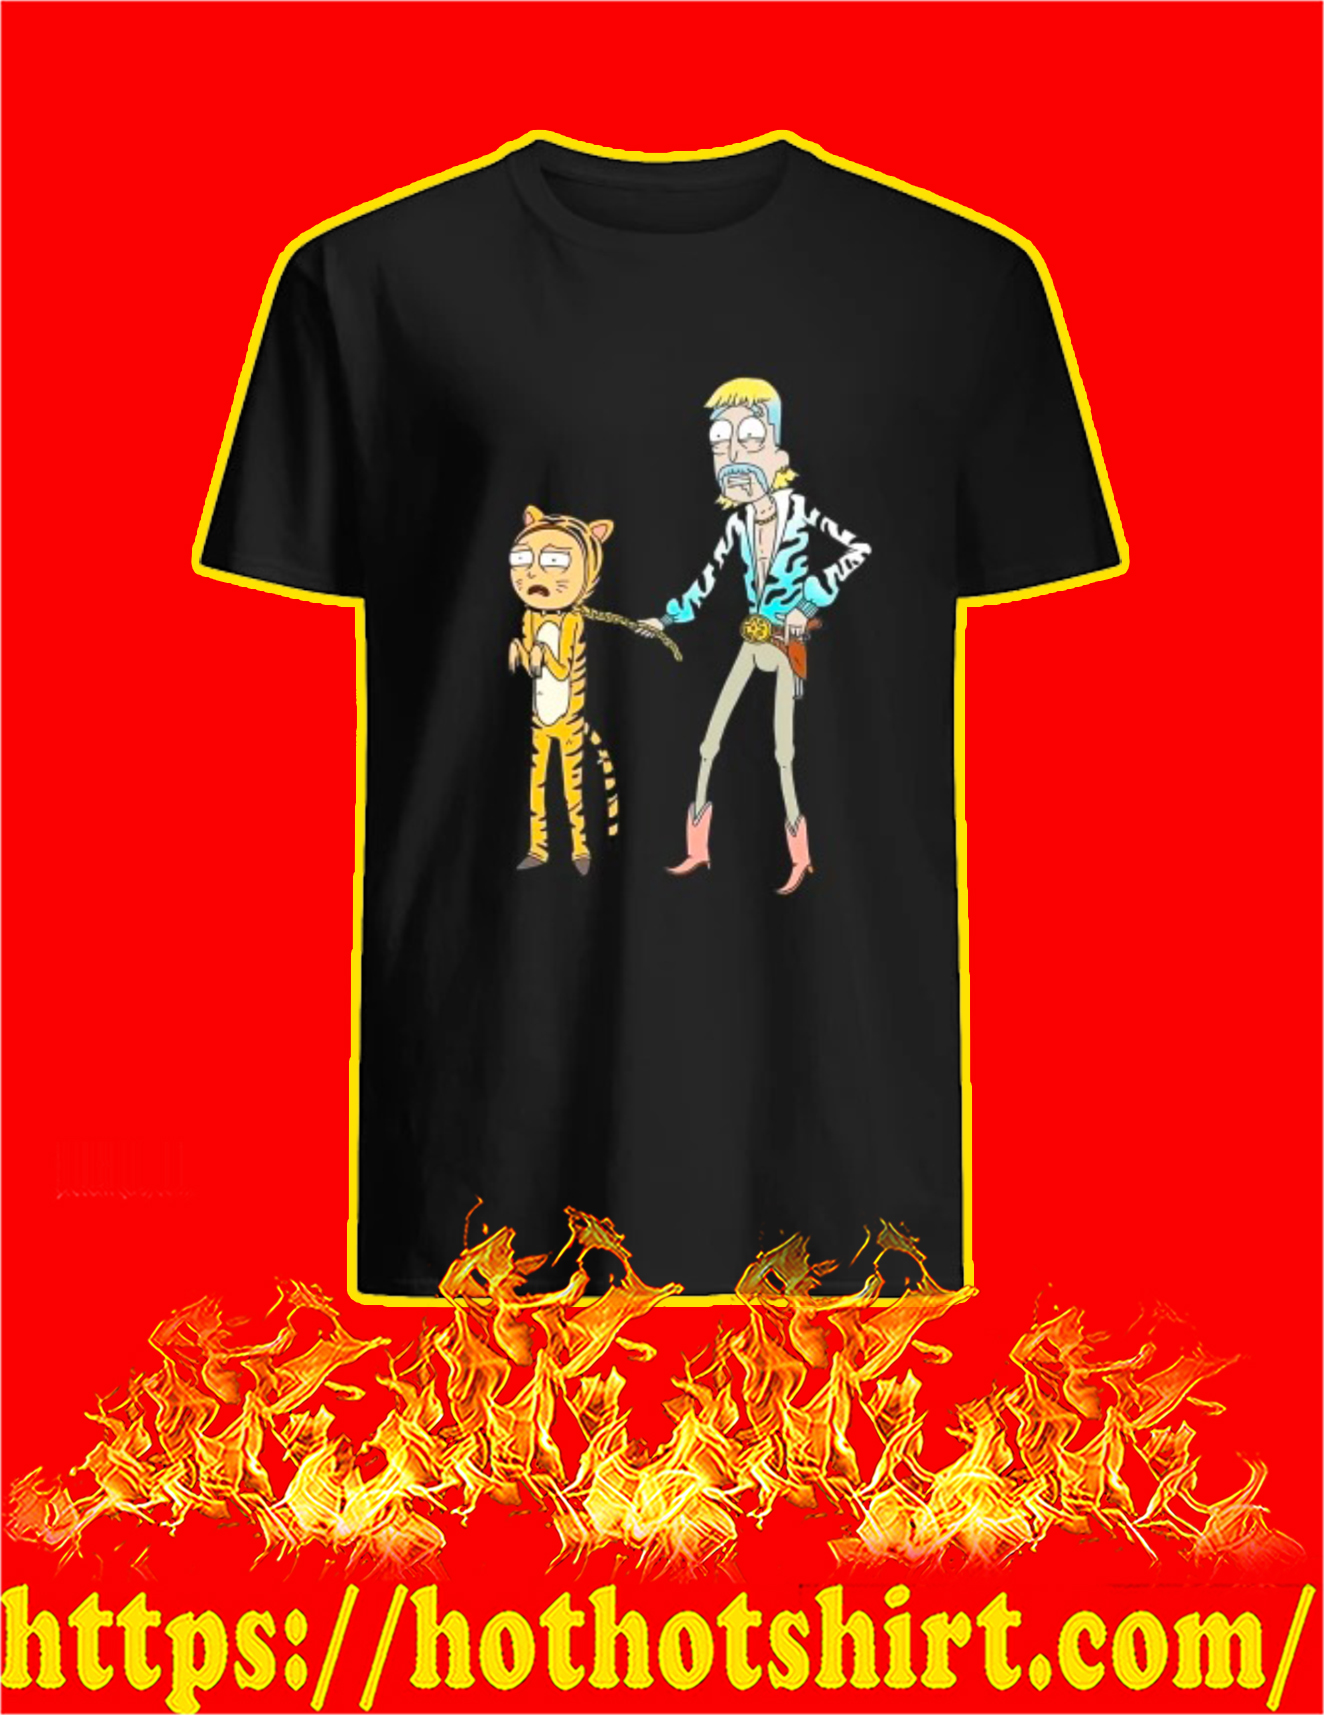 Rick and Morty Tiger King shirt